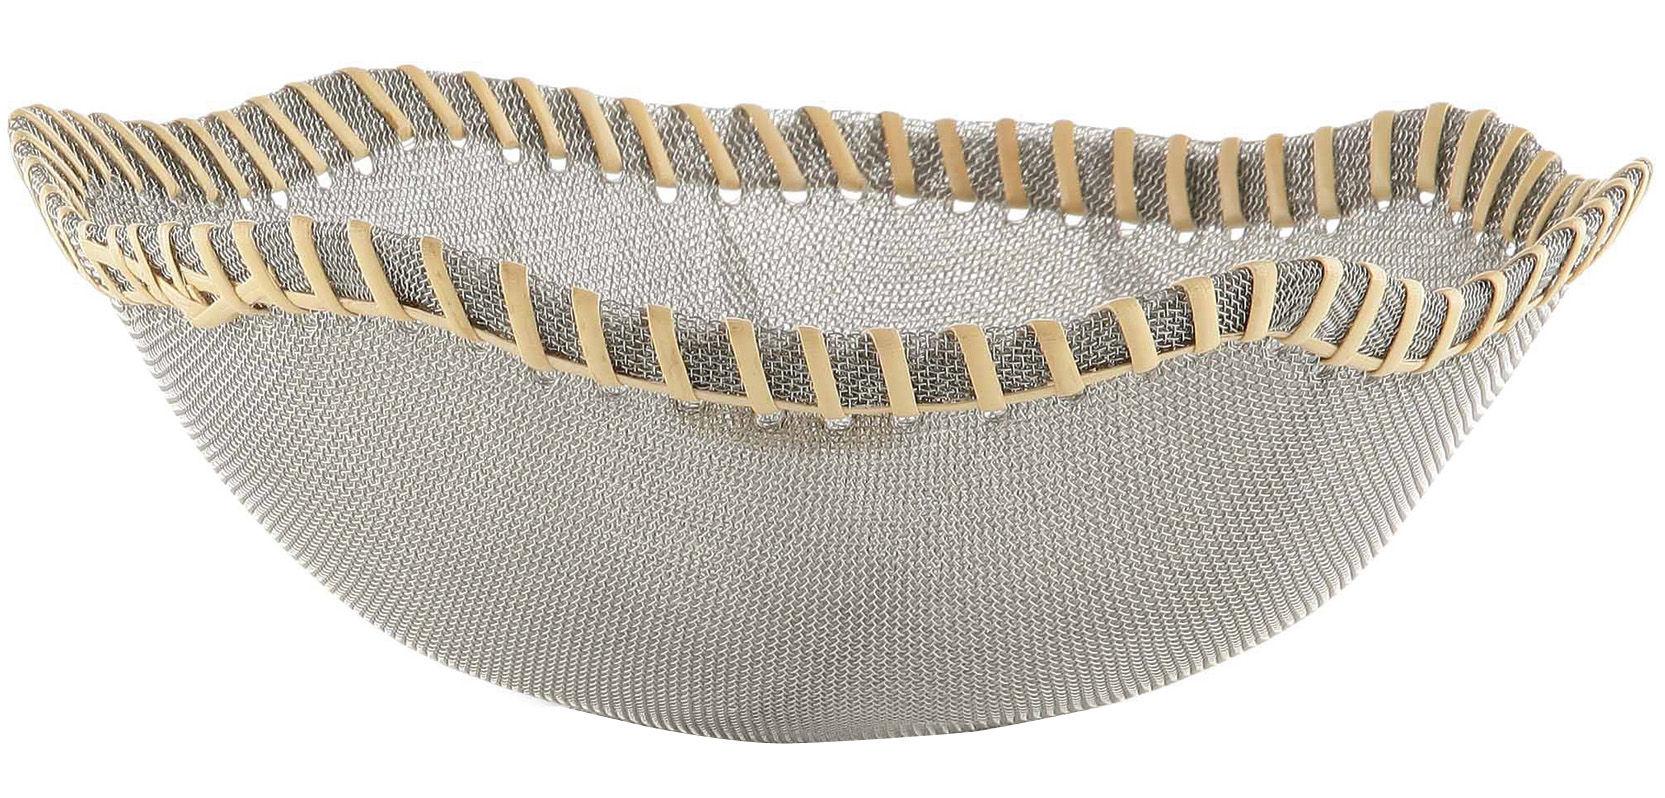 Tavola - Cesti, Fruttiere e Centrotavola - Cesto Peneira di Alessi - Acciaio - Fibra naturale - Fibra naturale, Rete d'acciaio